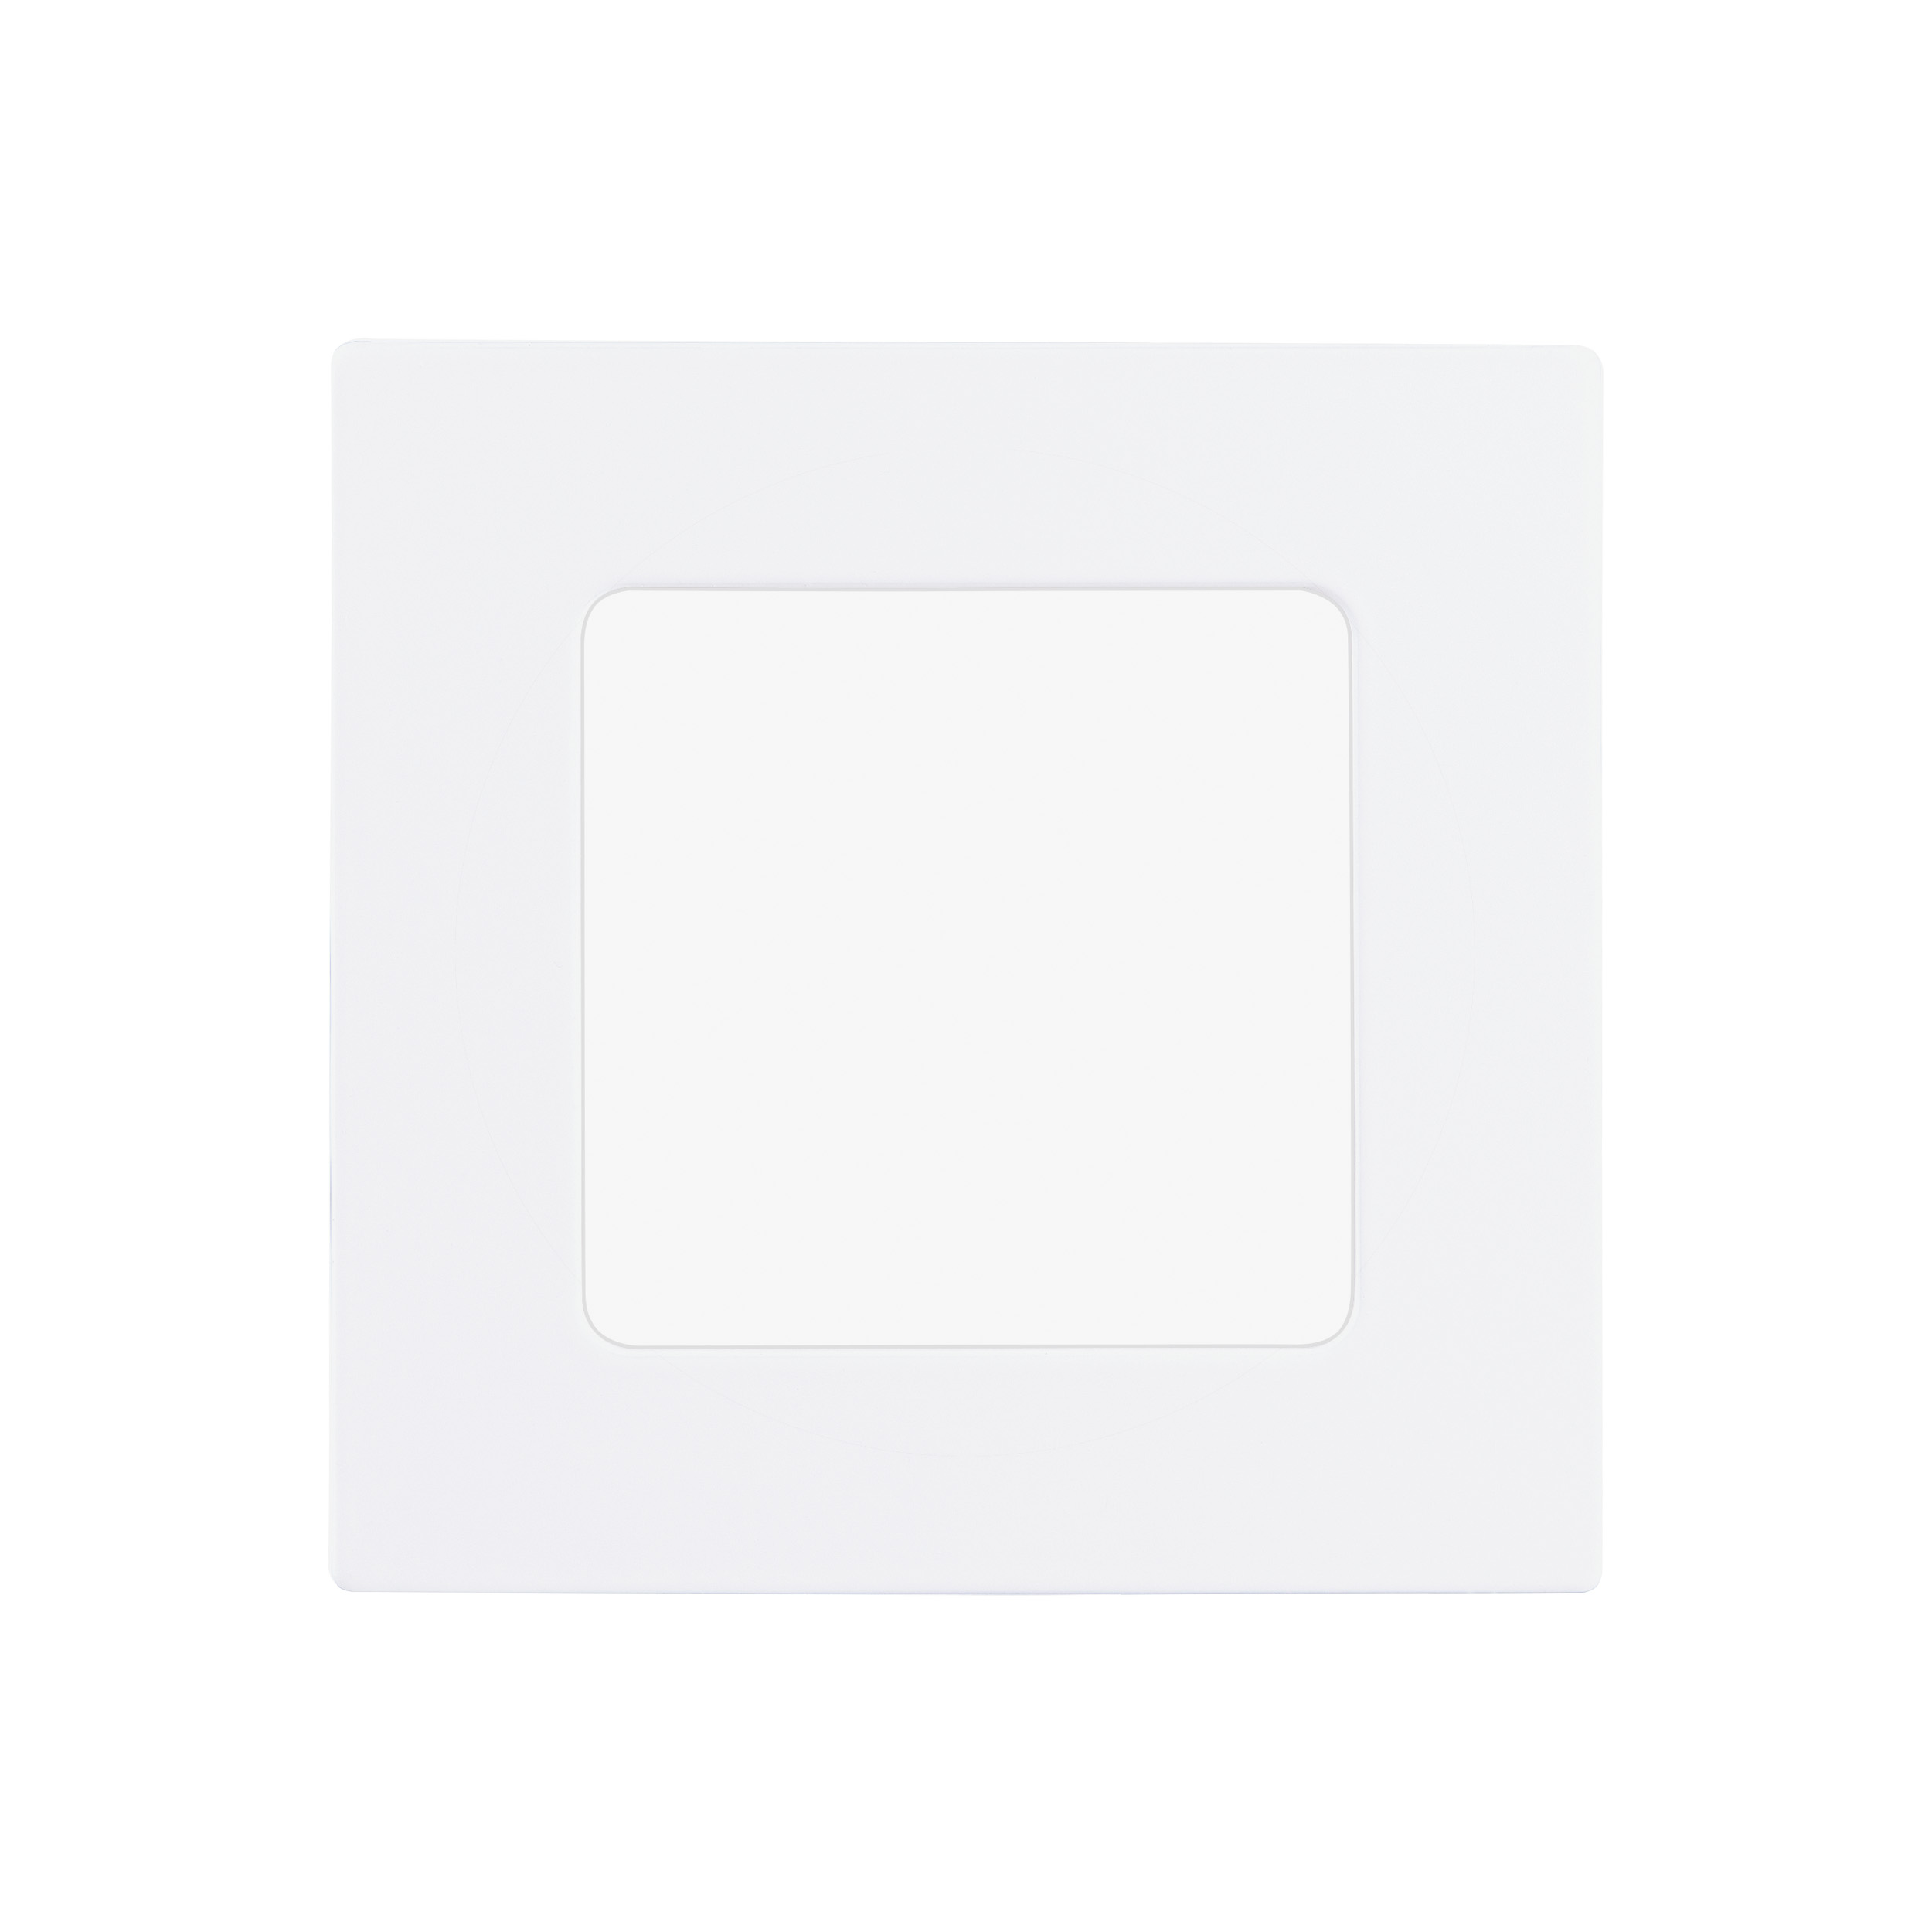 1 Stk Fueva 1 eckig / IP20 2,7W 3000K weiß IP20 LI64595---